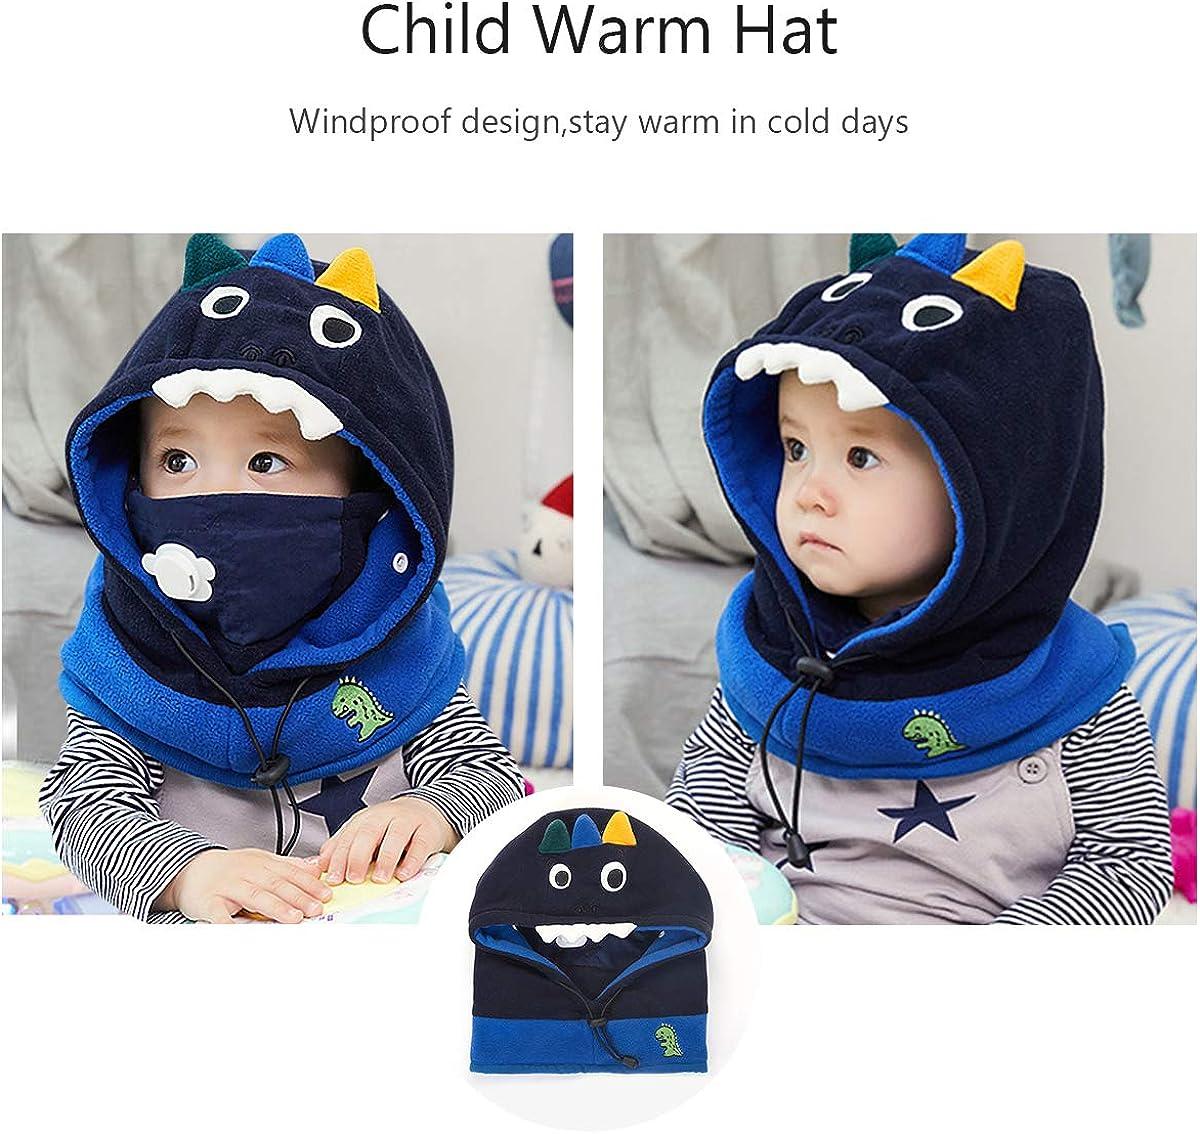 DORRISO Bambini Piccoli Protezione Collo Set Testa con Cappuccio Cute Little Animale Cartone Animato Cappelli Caldo Adatto per Bambini di 1-8 Anni